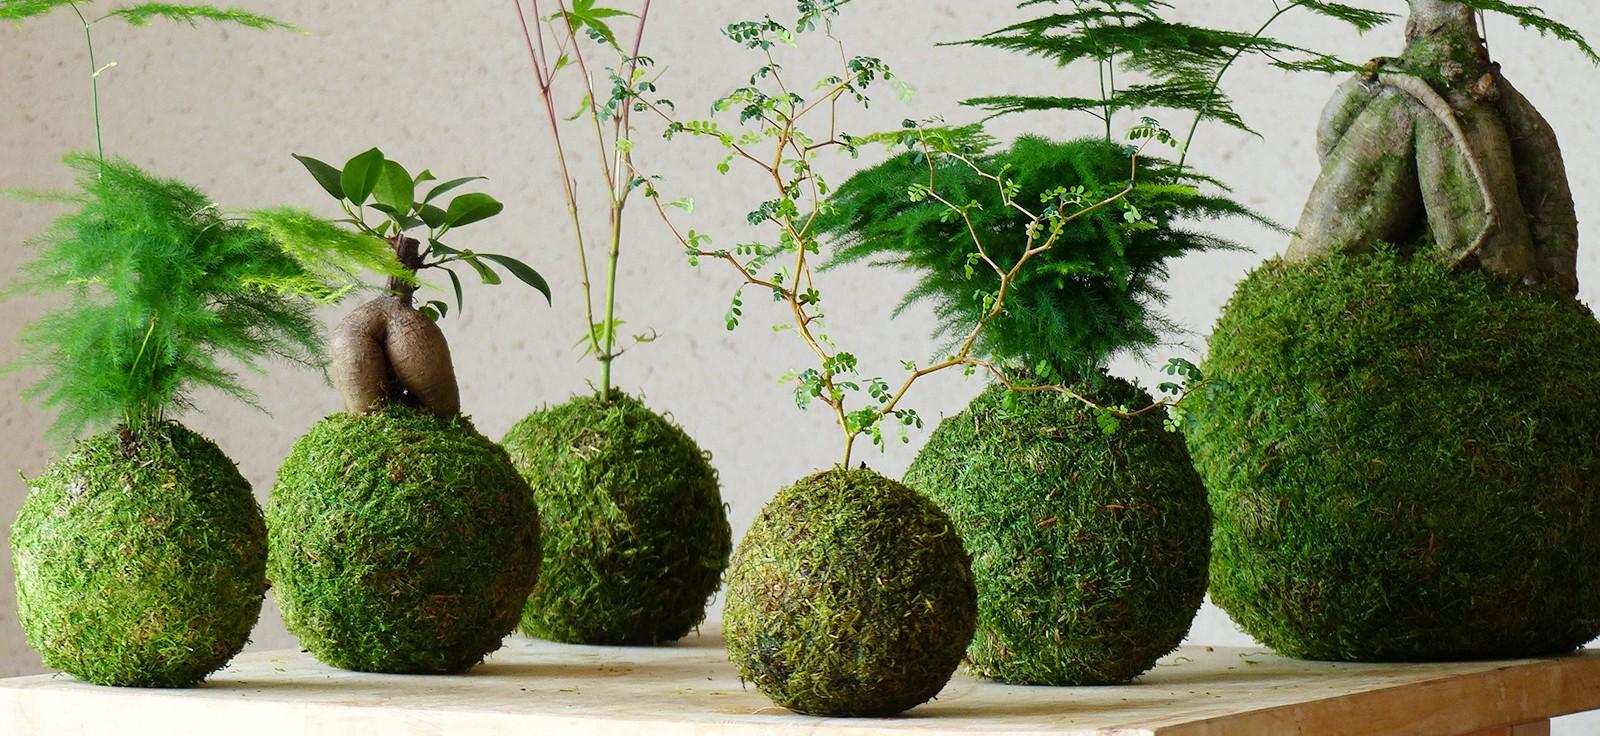 C mo crear tu jard n colgante con kokedamas un hogar con for Jardines colgantes para interiores